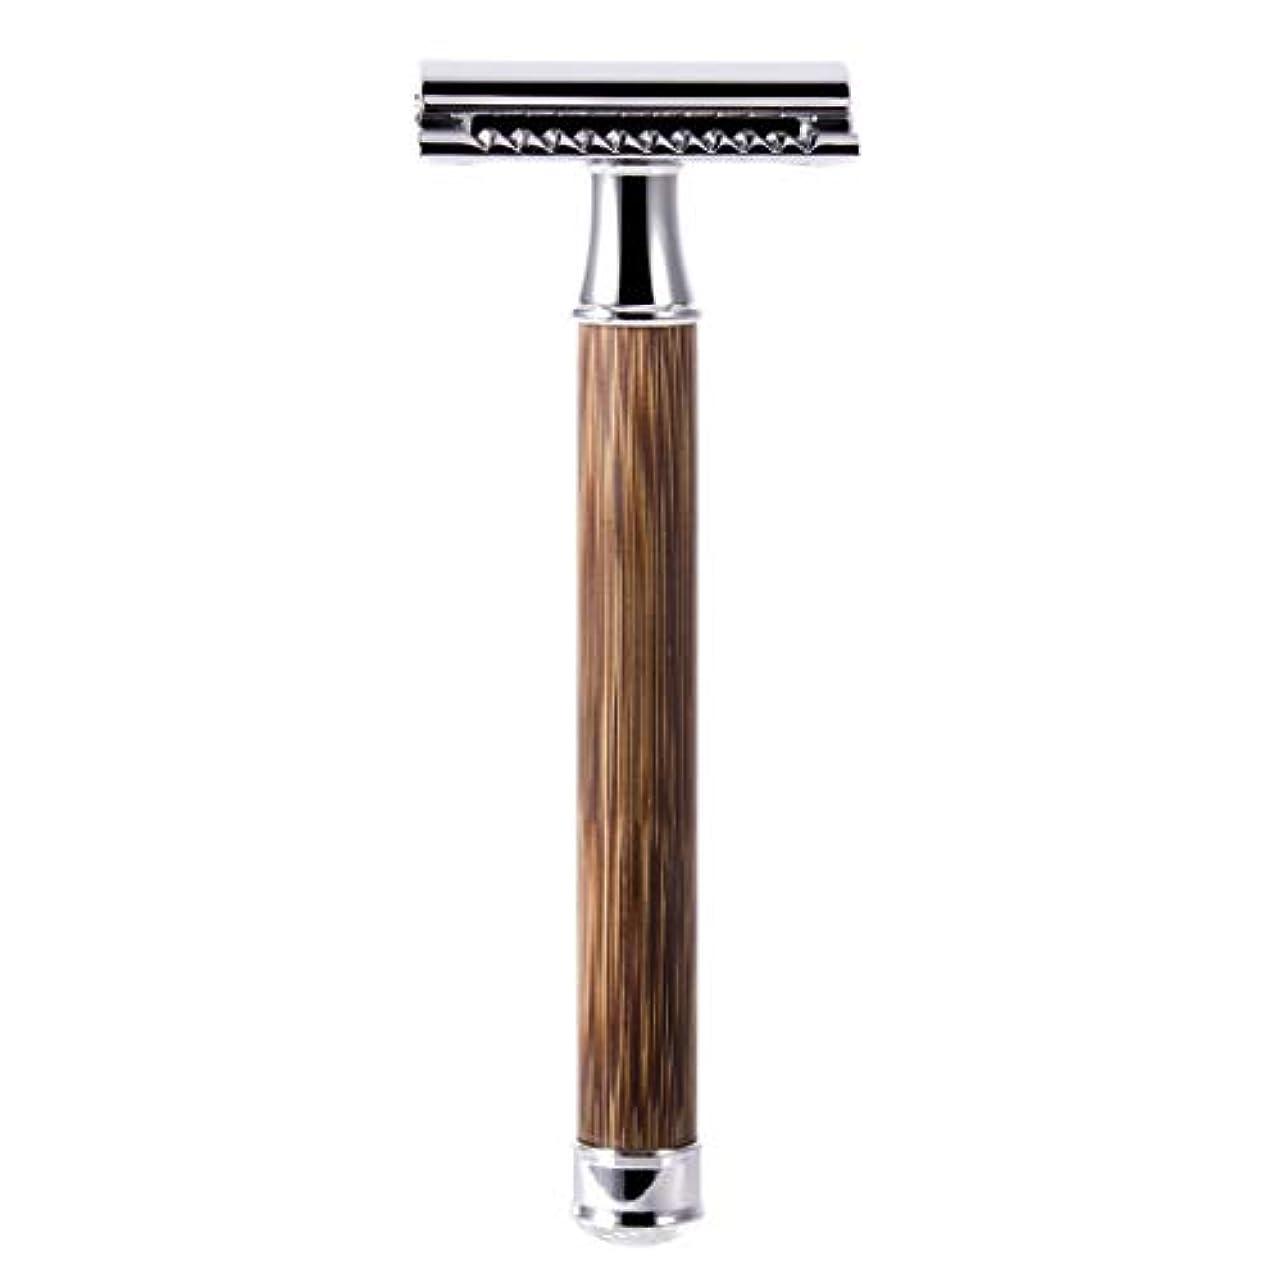 夜明けうんハリウッドQIANMEI レトロダブルエッジ剃刀安全カミソリヘアーリムーバーかみそりは、すべての標準レイザーブレードに適合します